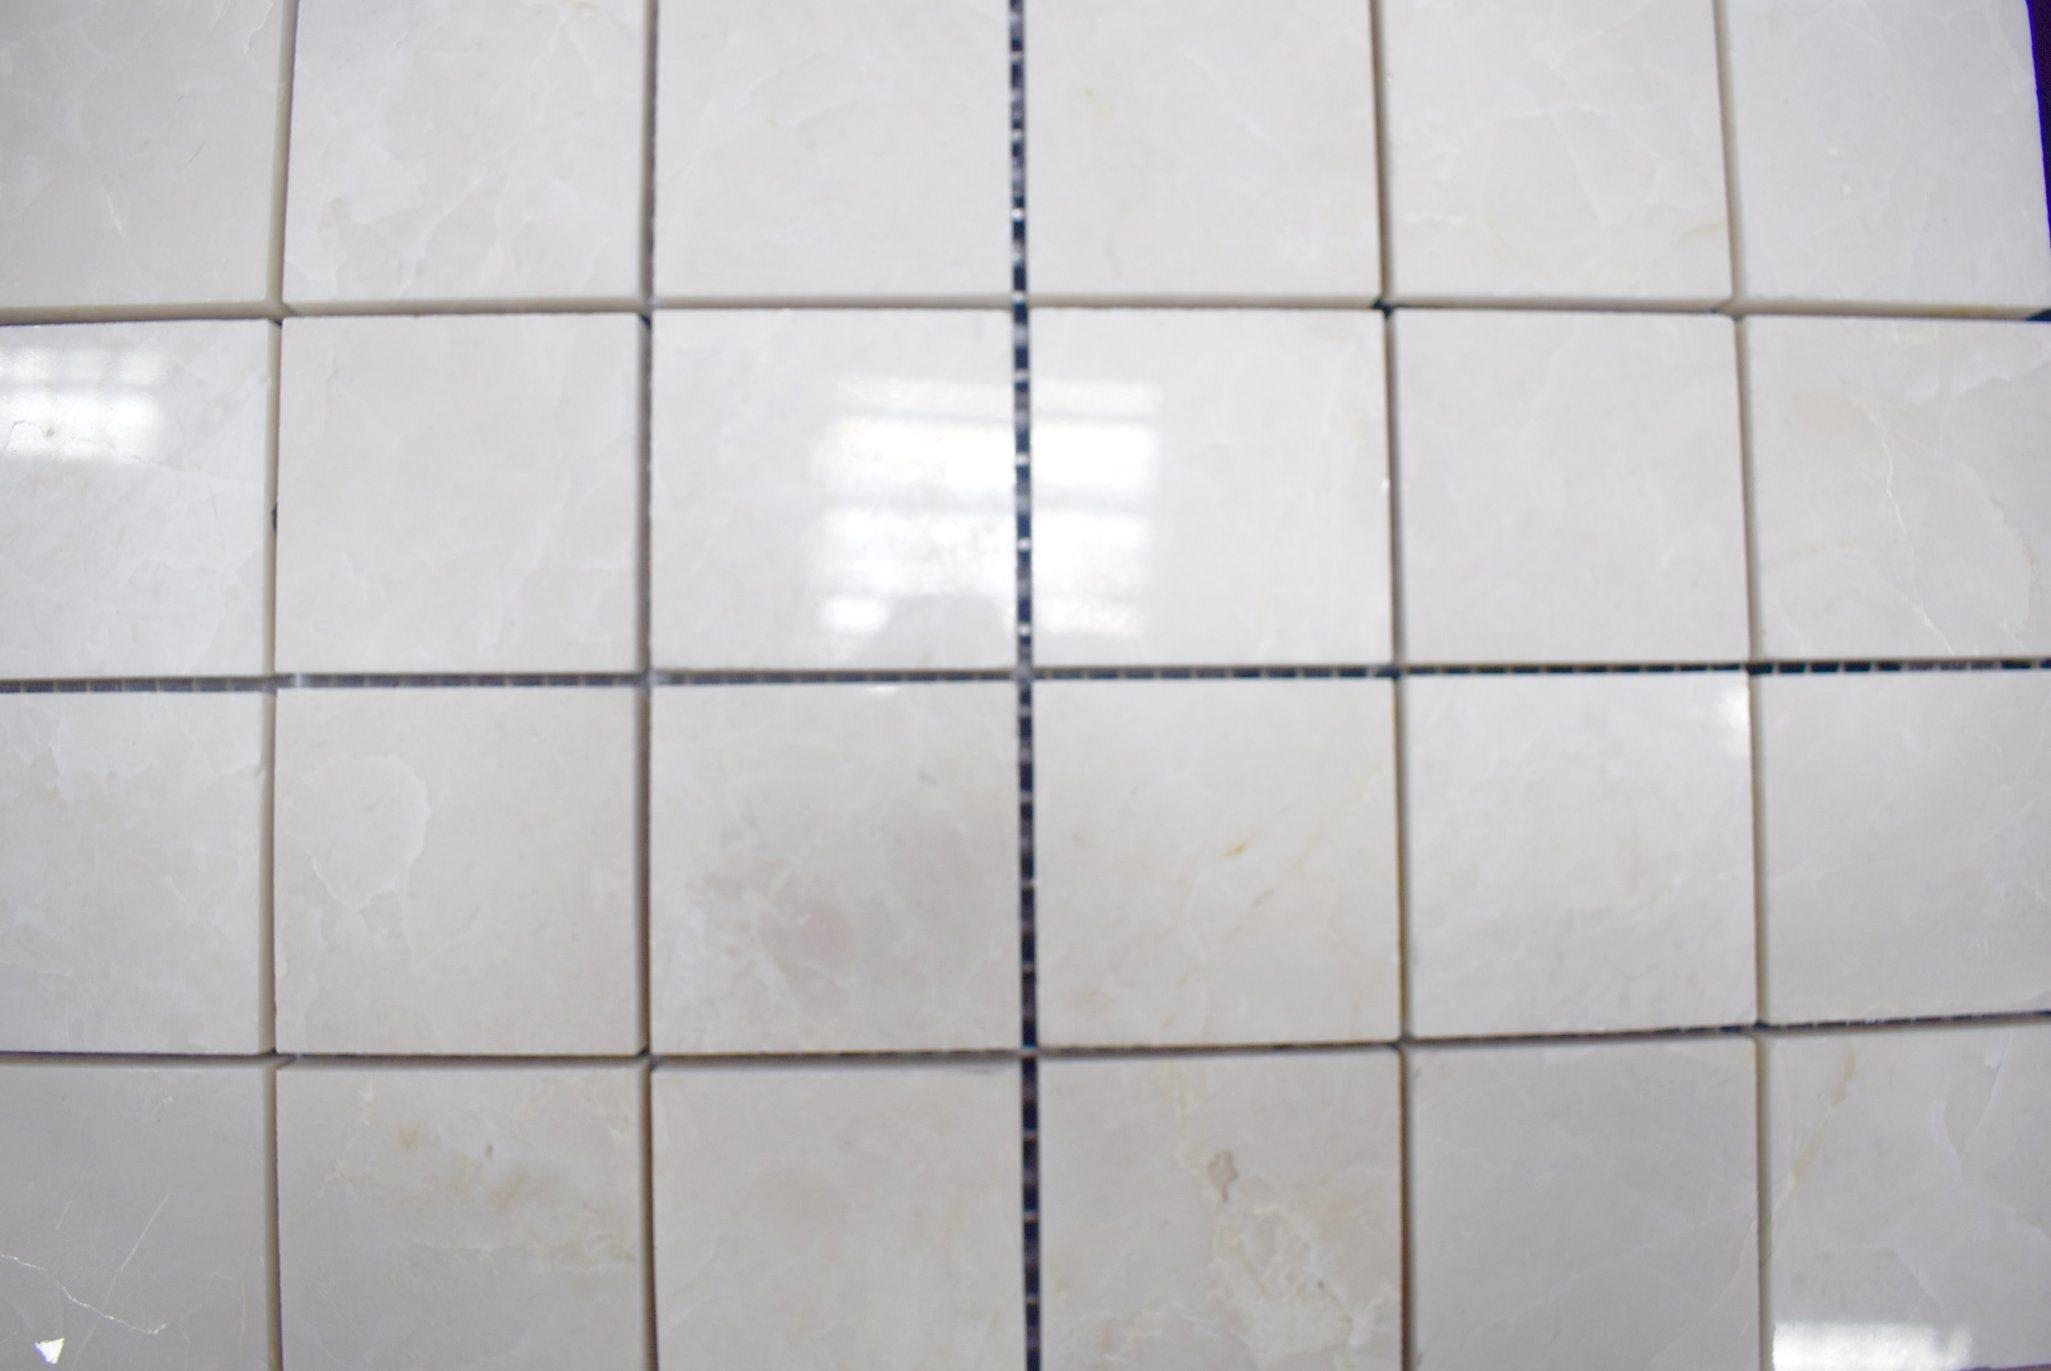 Della fabbrica mattonelle di mosaico di marmo quadrate polished